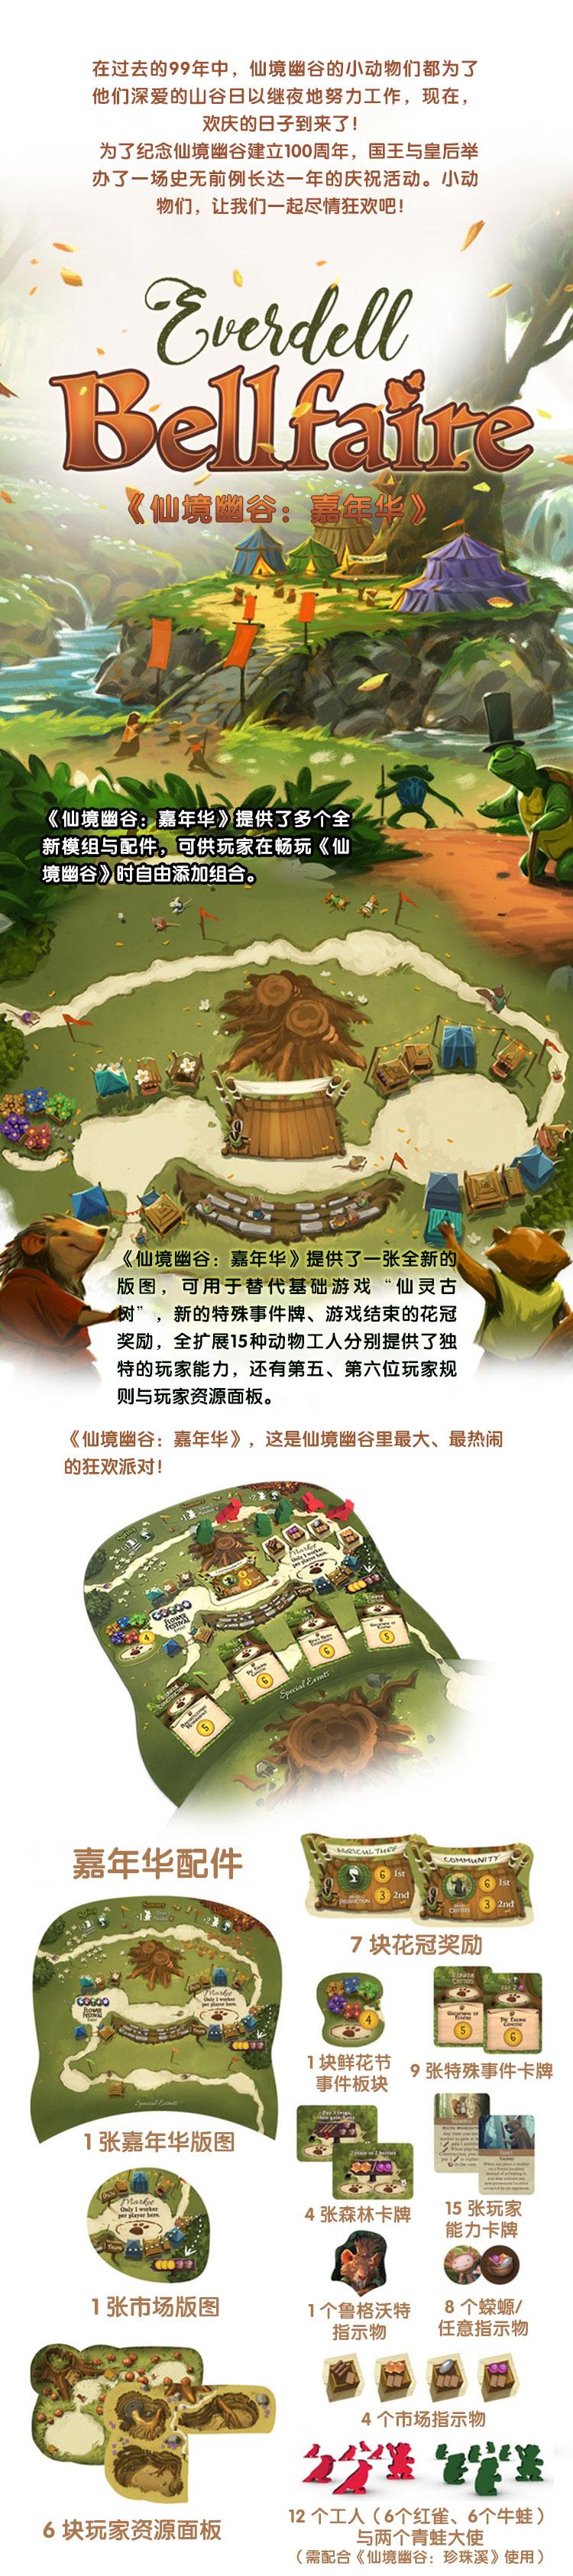 仙境幽谷扩展页面3-嘉年华10_01.jpg